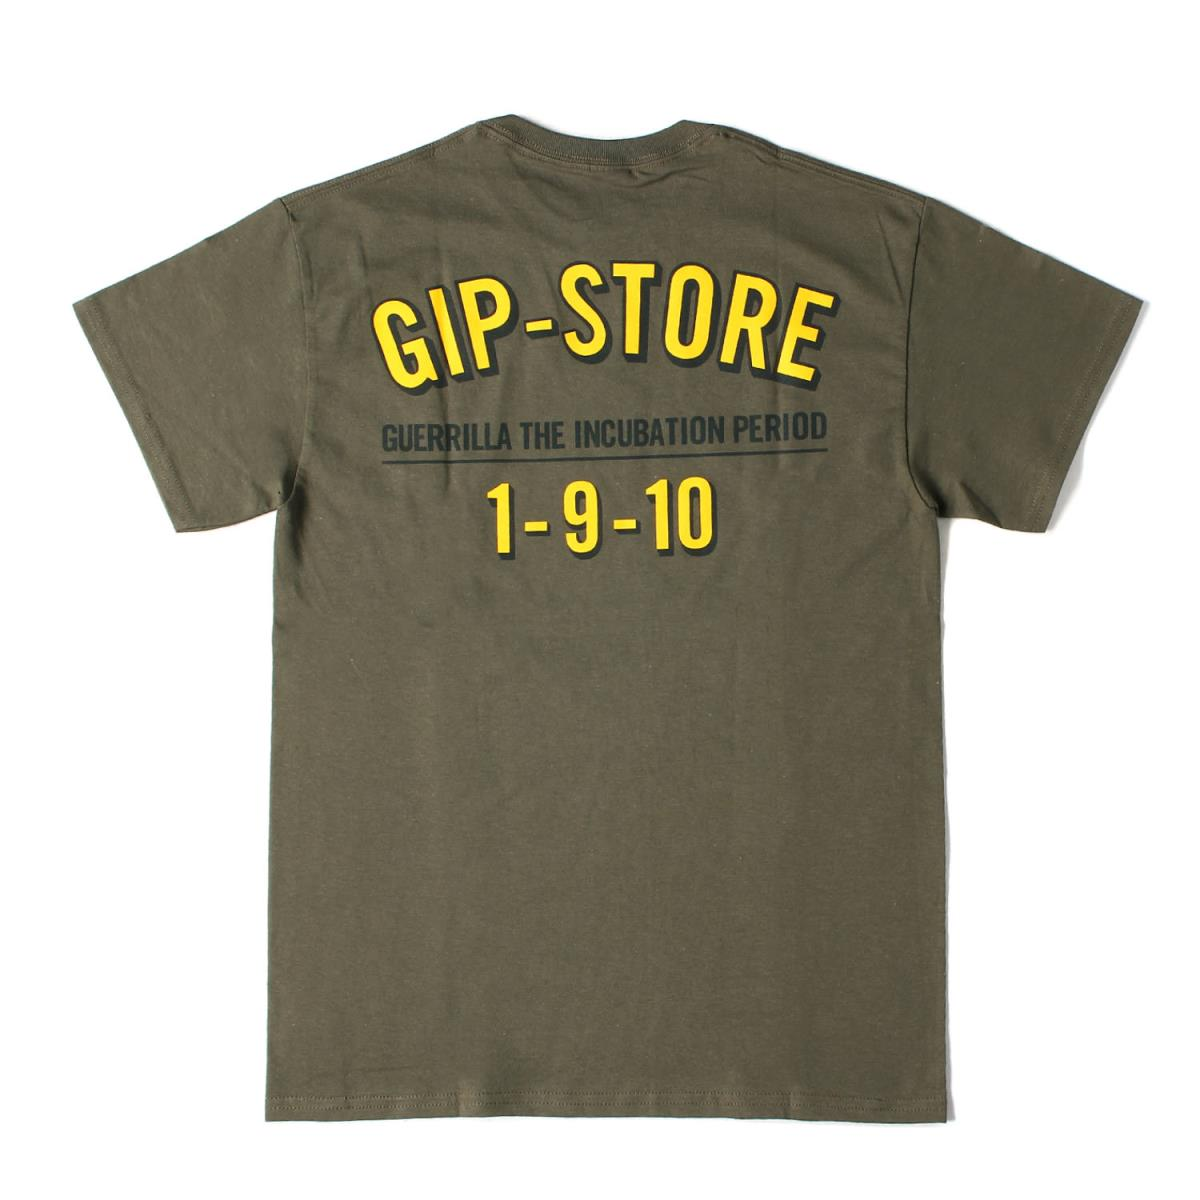 WTAPS ダブルタップス Tシャツ 19AW GIP-STORE限定 ロゴプリント Tシャツ オリーブドラブ M 【メンズ】【K2480】